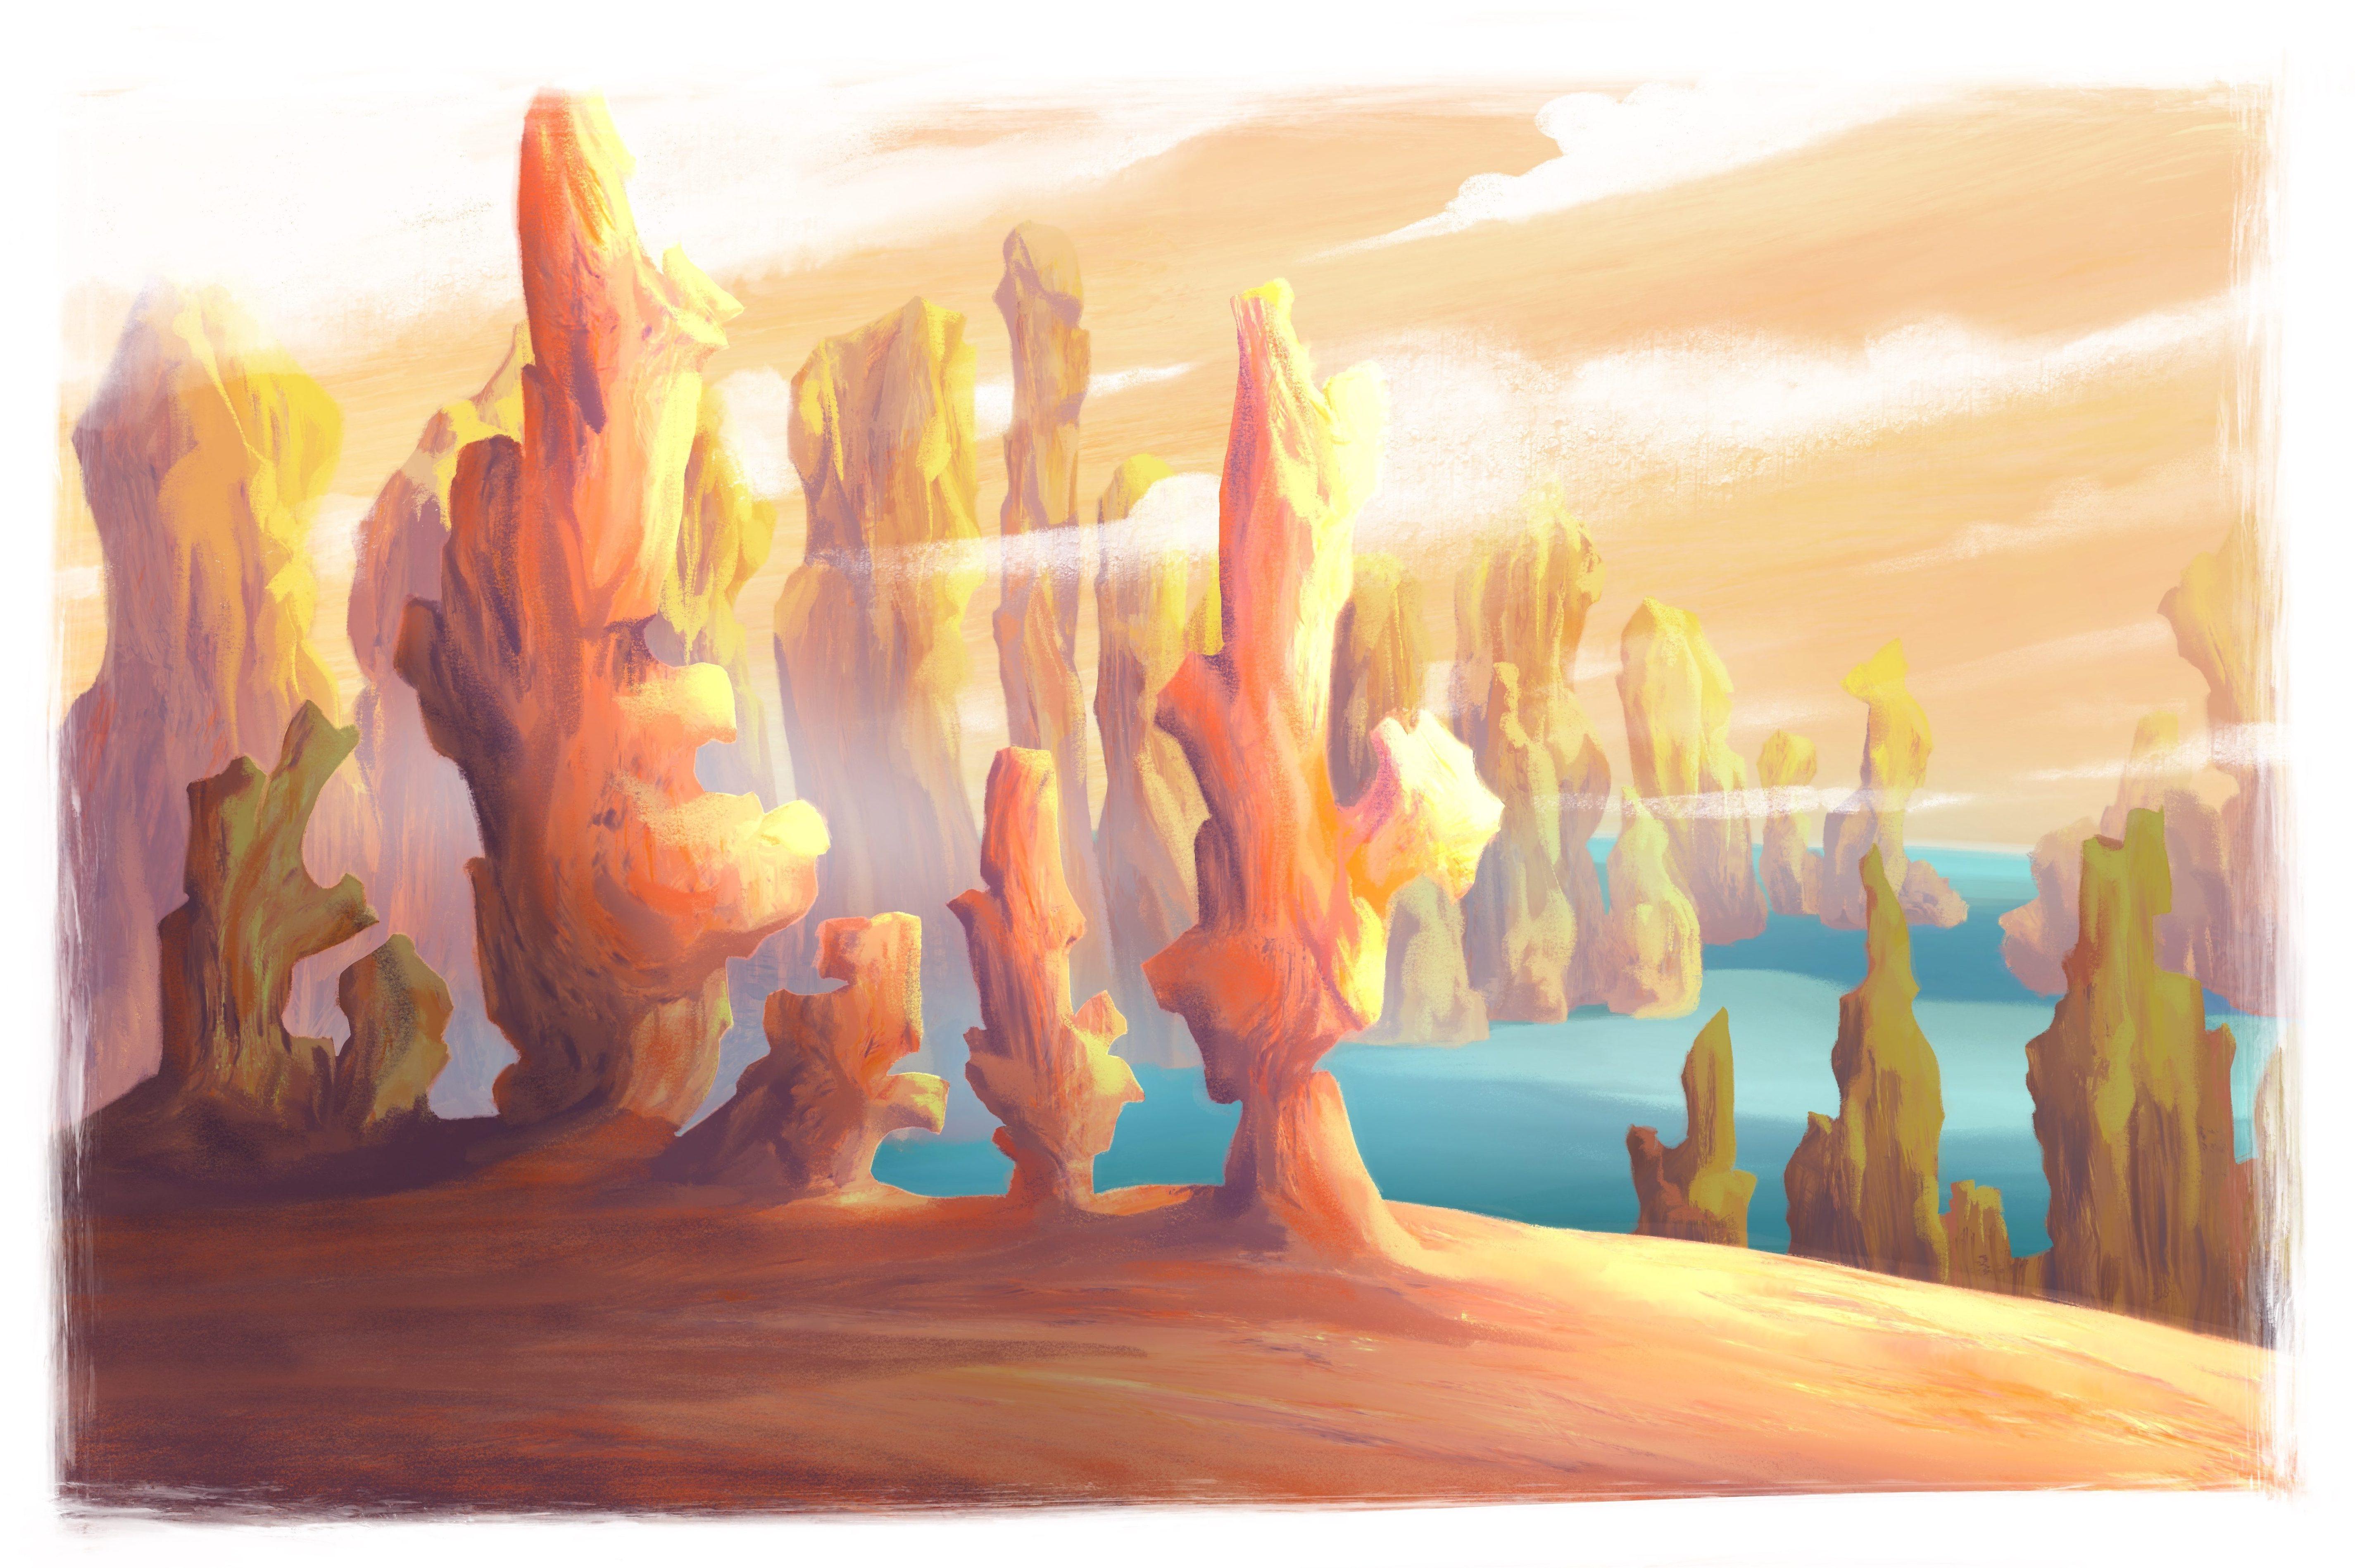 Land of stones